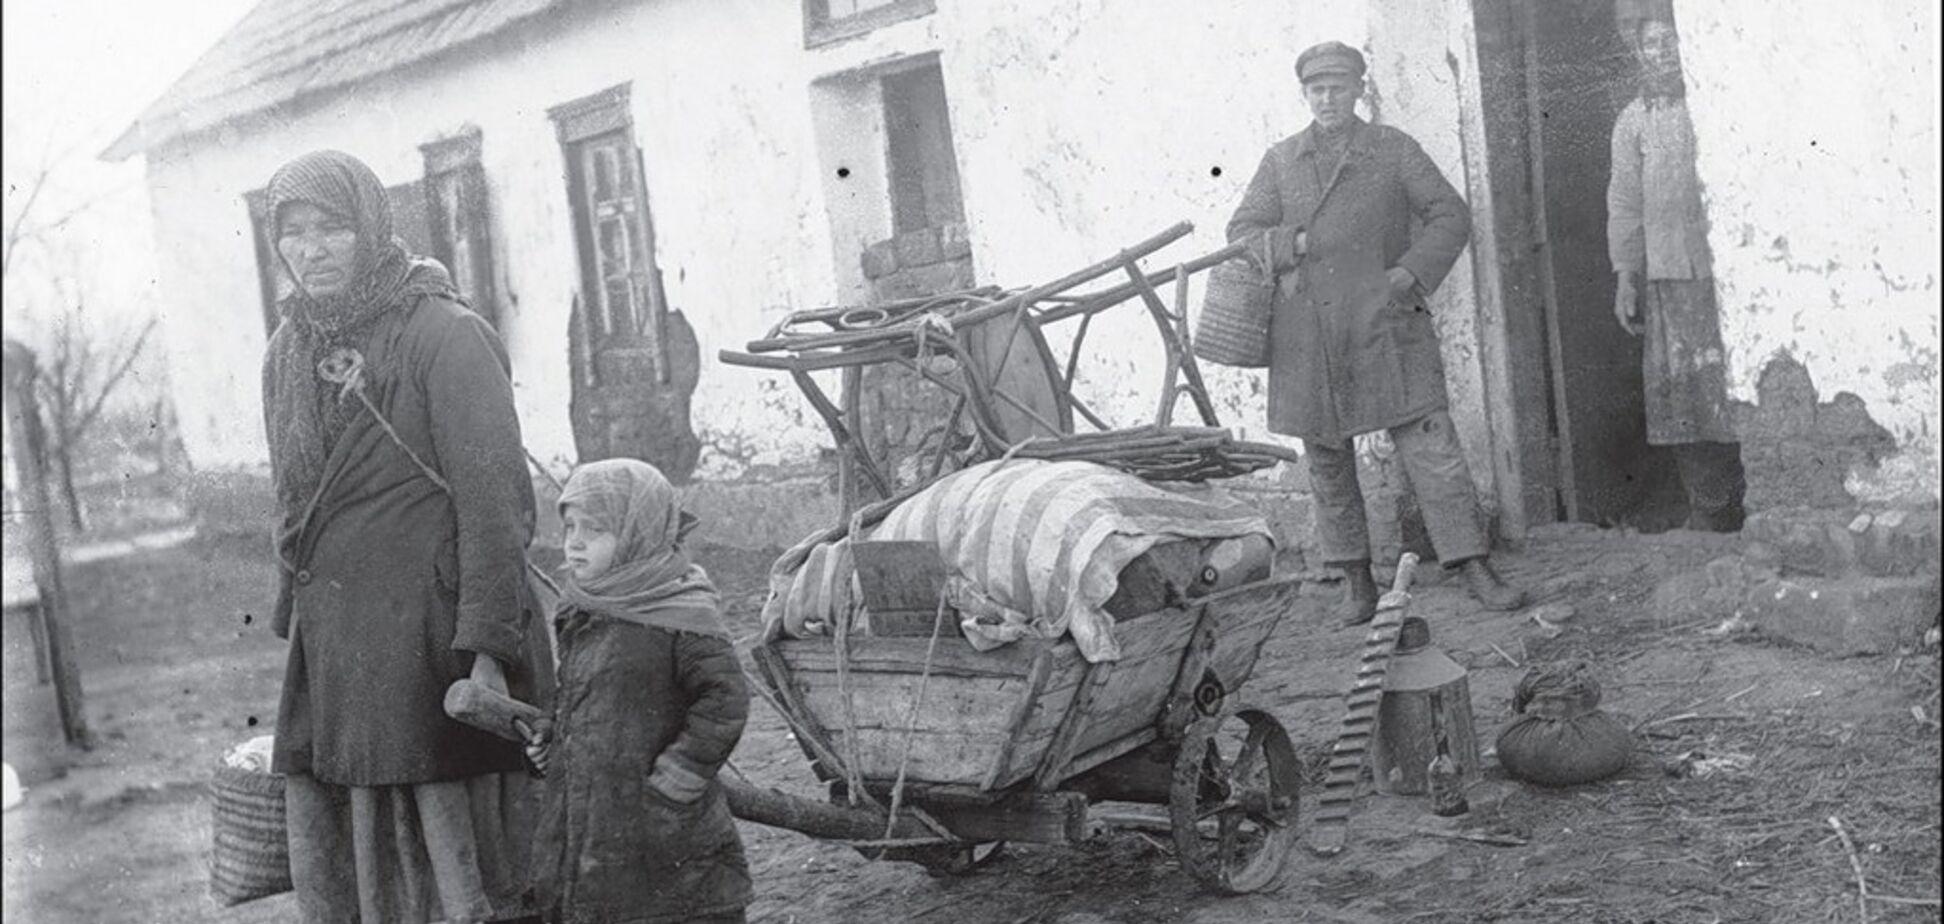 Моя история к 100-летней годовщине октябрьской революции